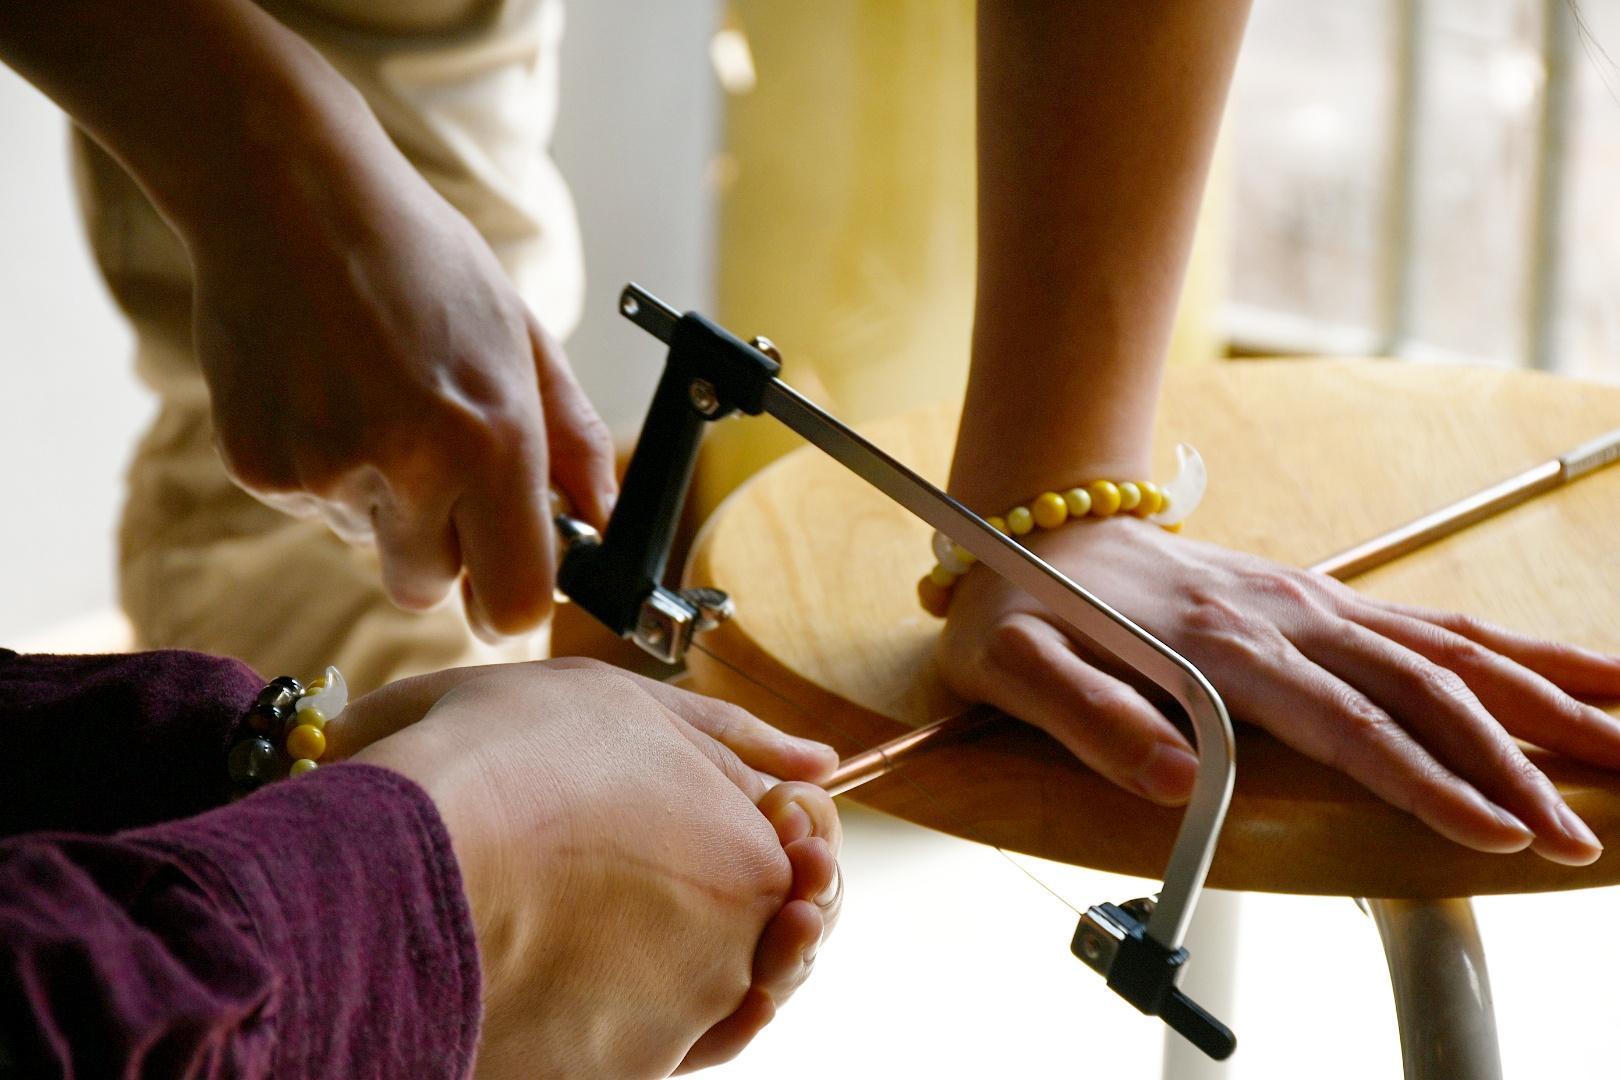 糸鋸のおすすめ11選!木工・金工に使える糸鋸盤も